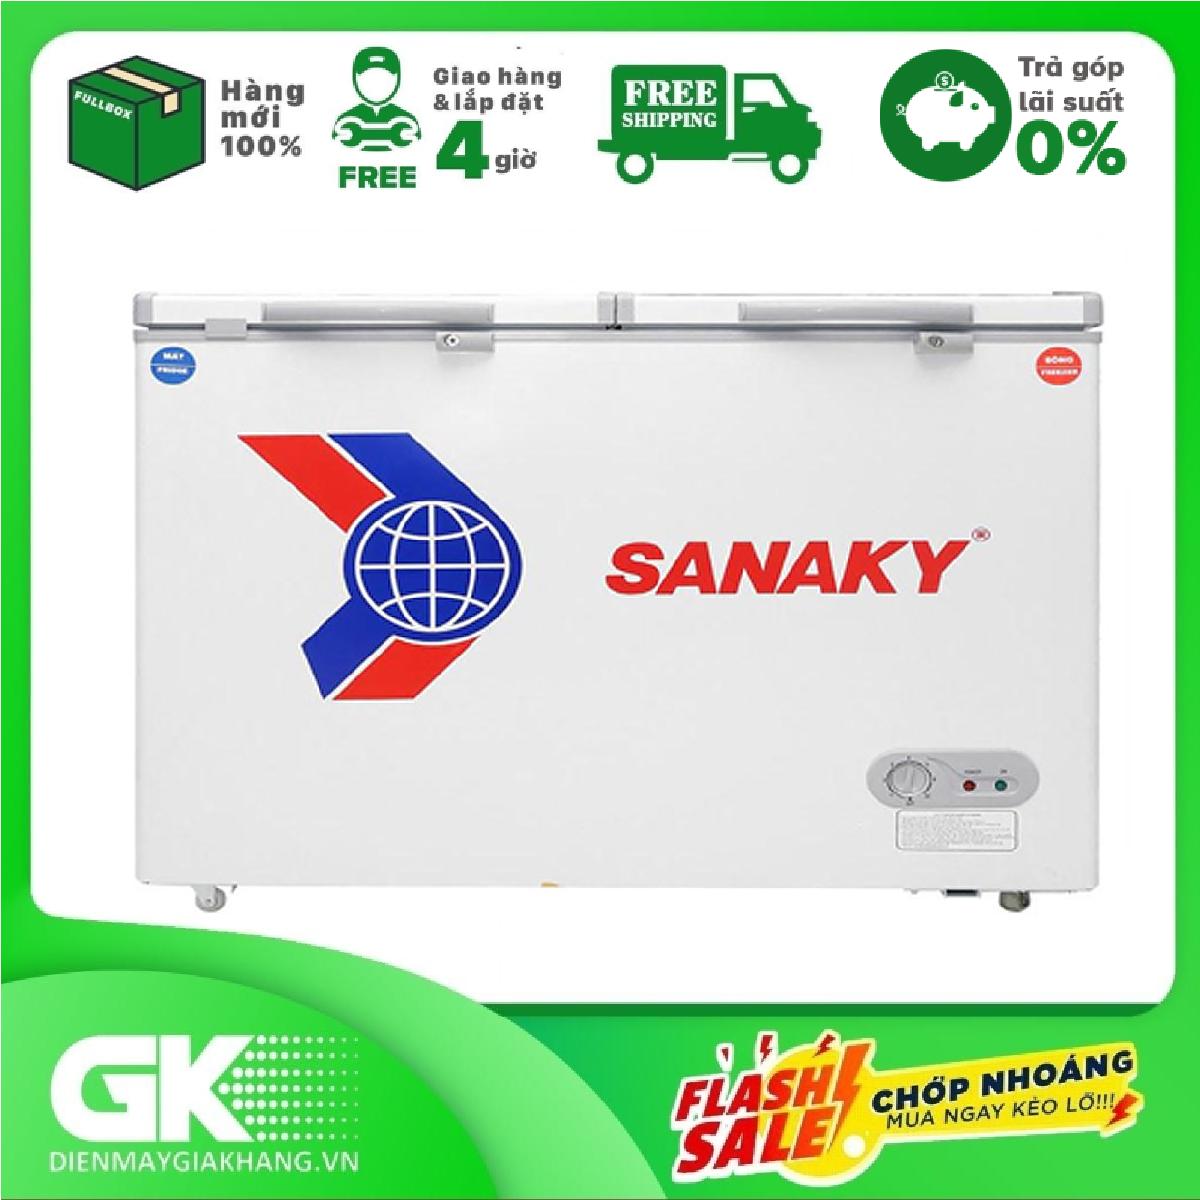 nhập mã exclusive giảm thêm 10%] trả góp 0% - tủ đông sanaky vh-285a2  (220l)- bảo hành 2 năm - Sắp xếp theo liên quan sản phẩm